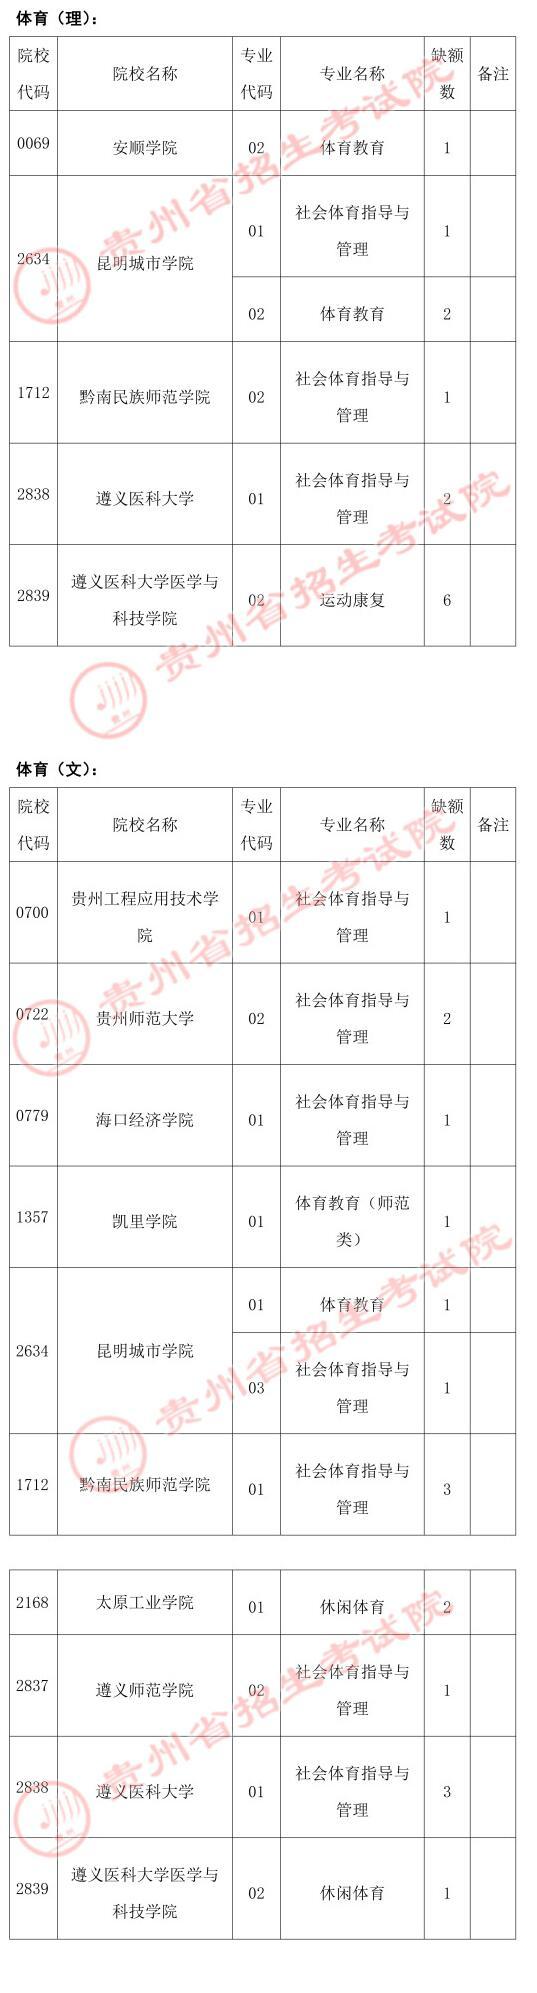 2021年贵州普通高考体育类第二批本科院校第二次补报志愿的说明